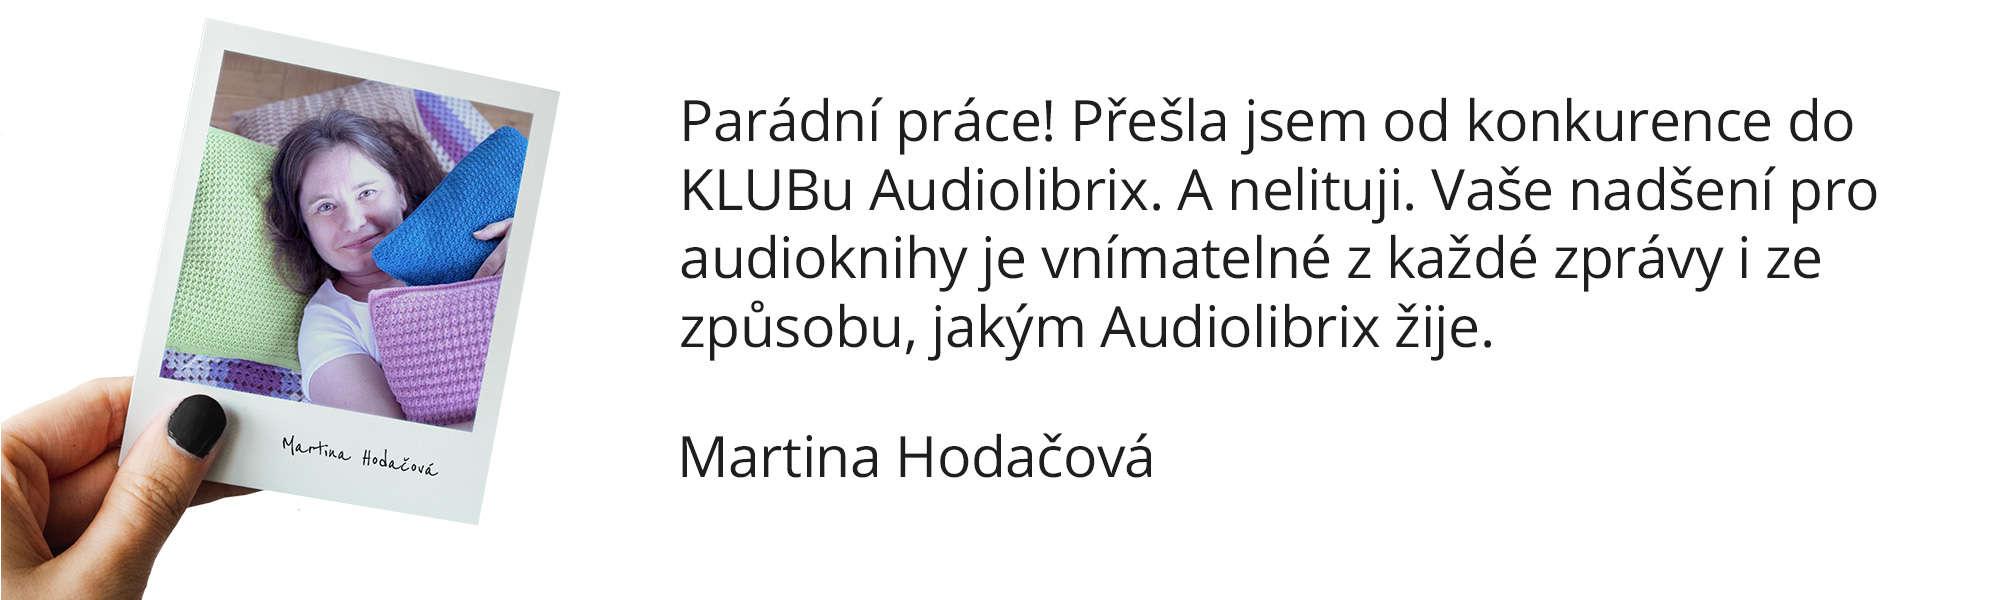 Martina H